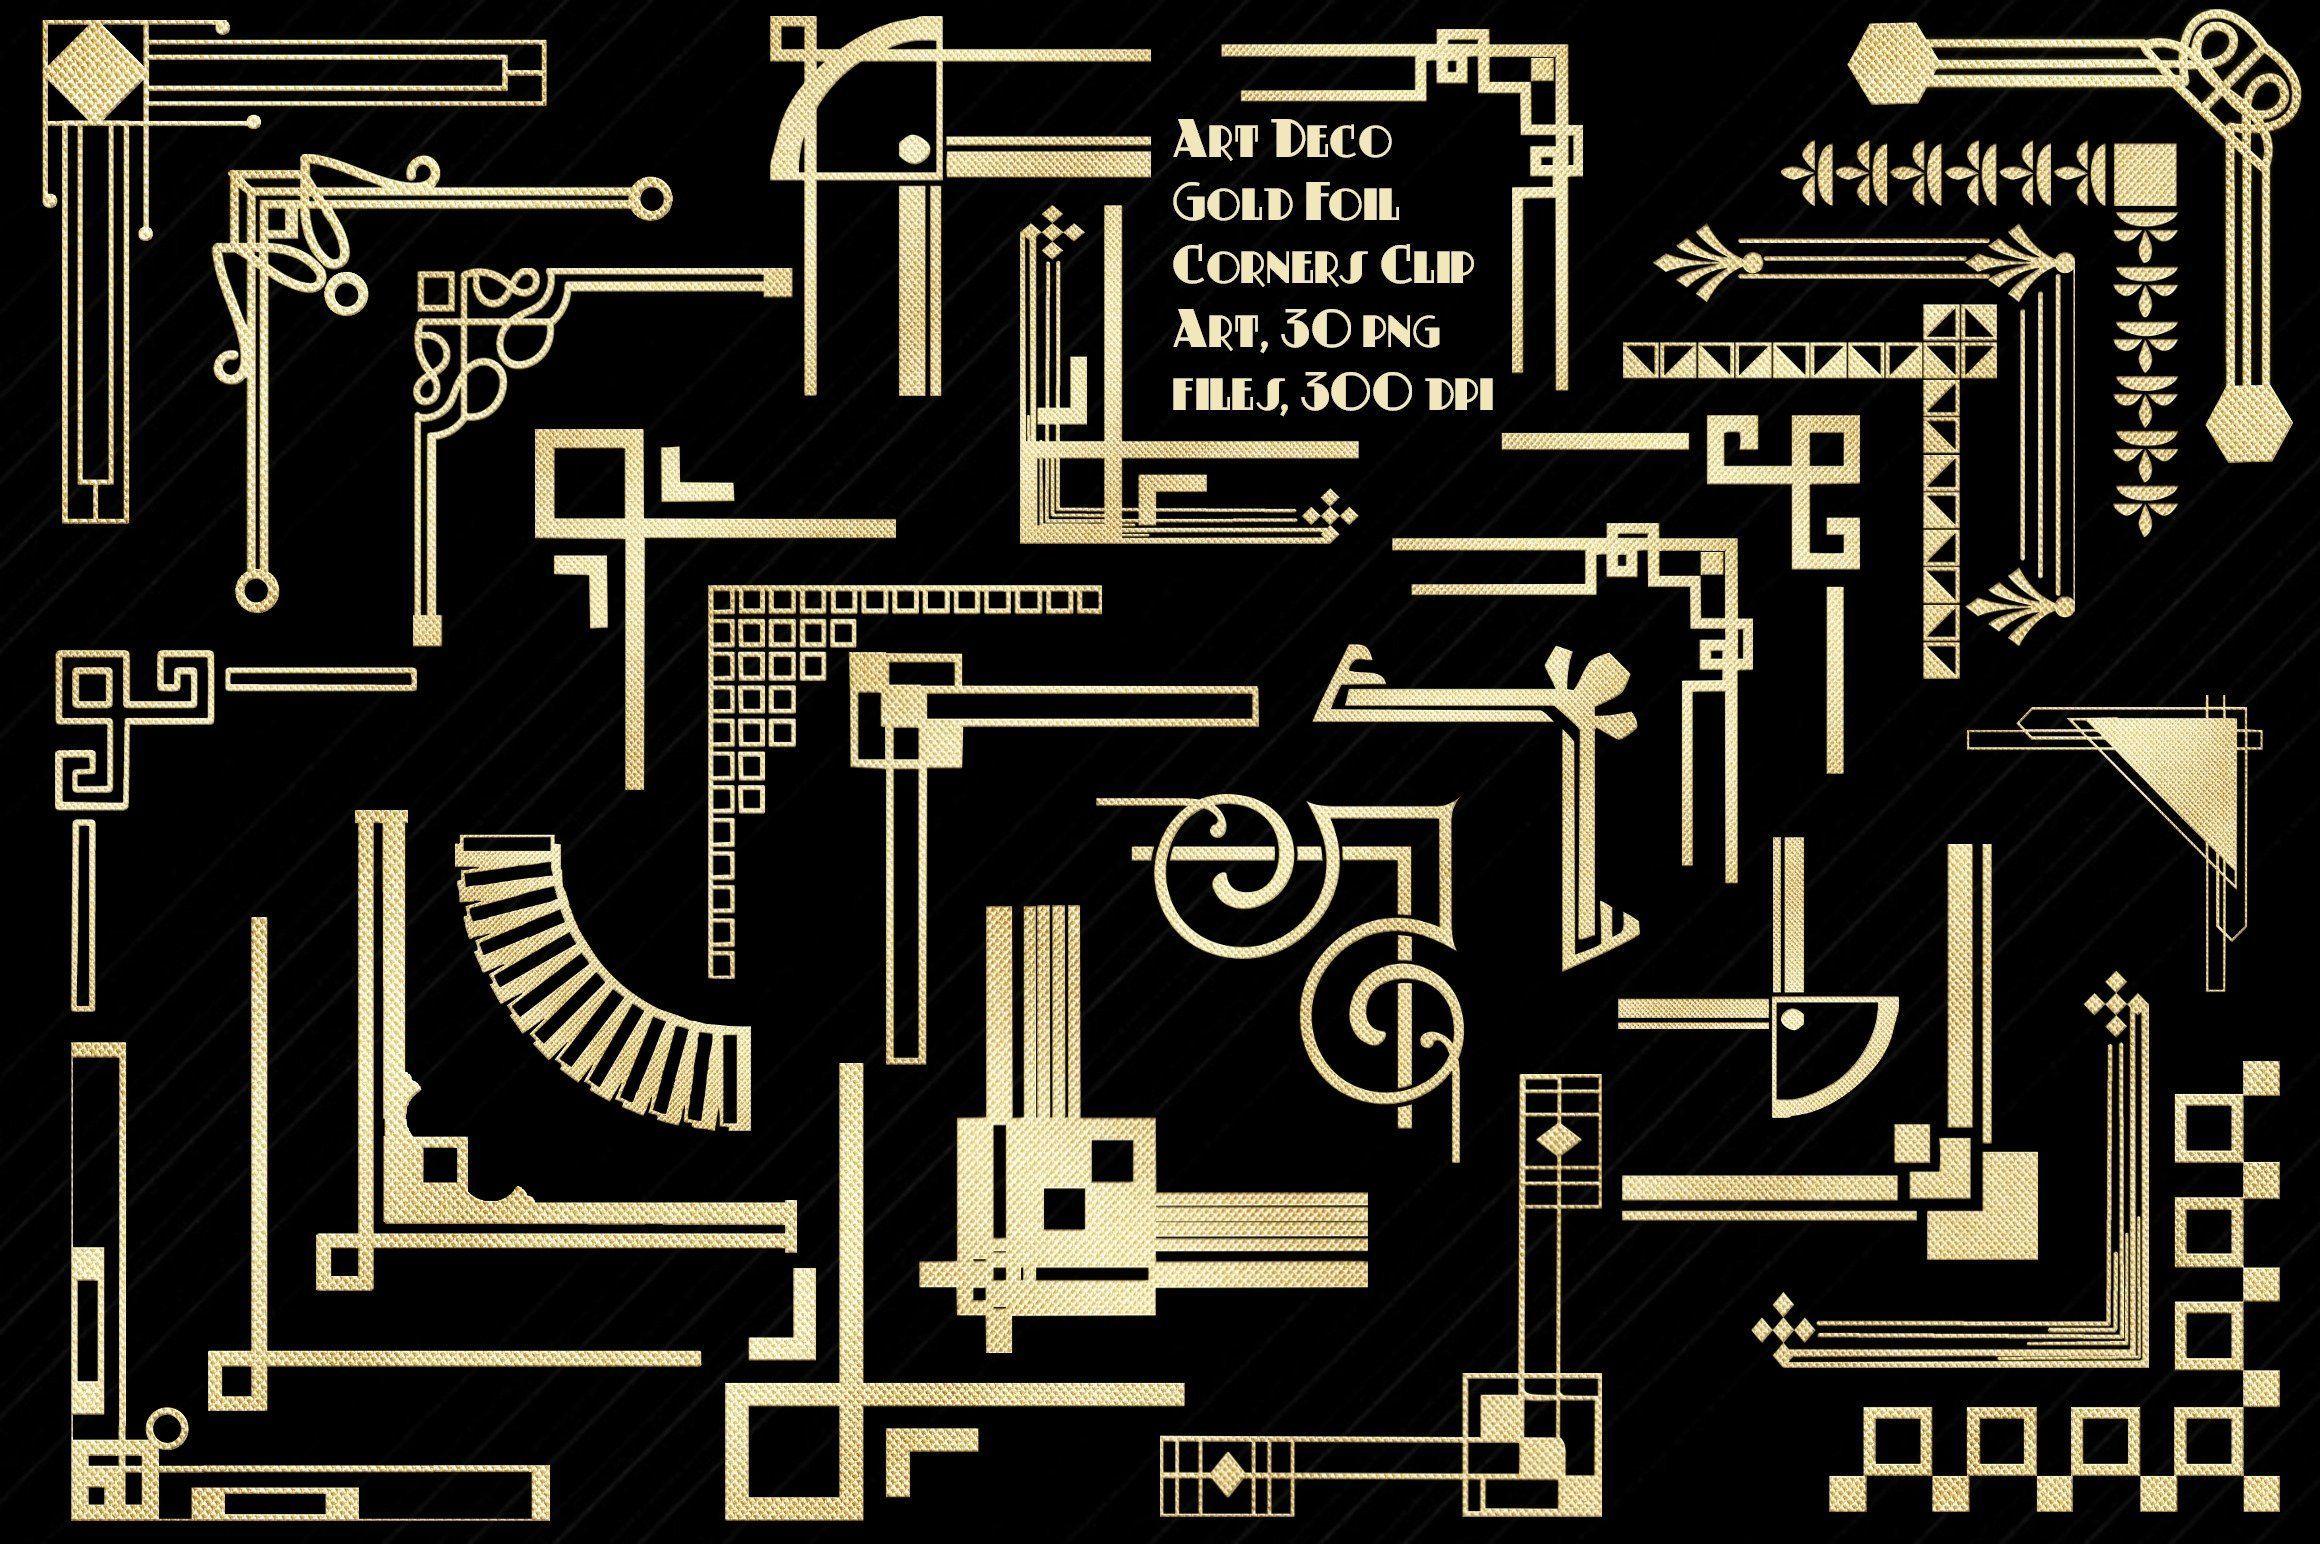 art deco design graphics #art #deco #design #art | art deco design ; art deco design interior ; art deco design pattern ; art deco design graphics ; art deco design illustration ; art deco design architecture ; art deco design furniture ; art deco design poster prints